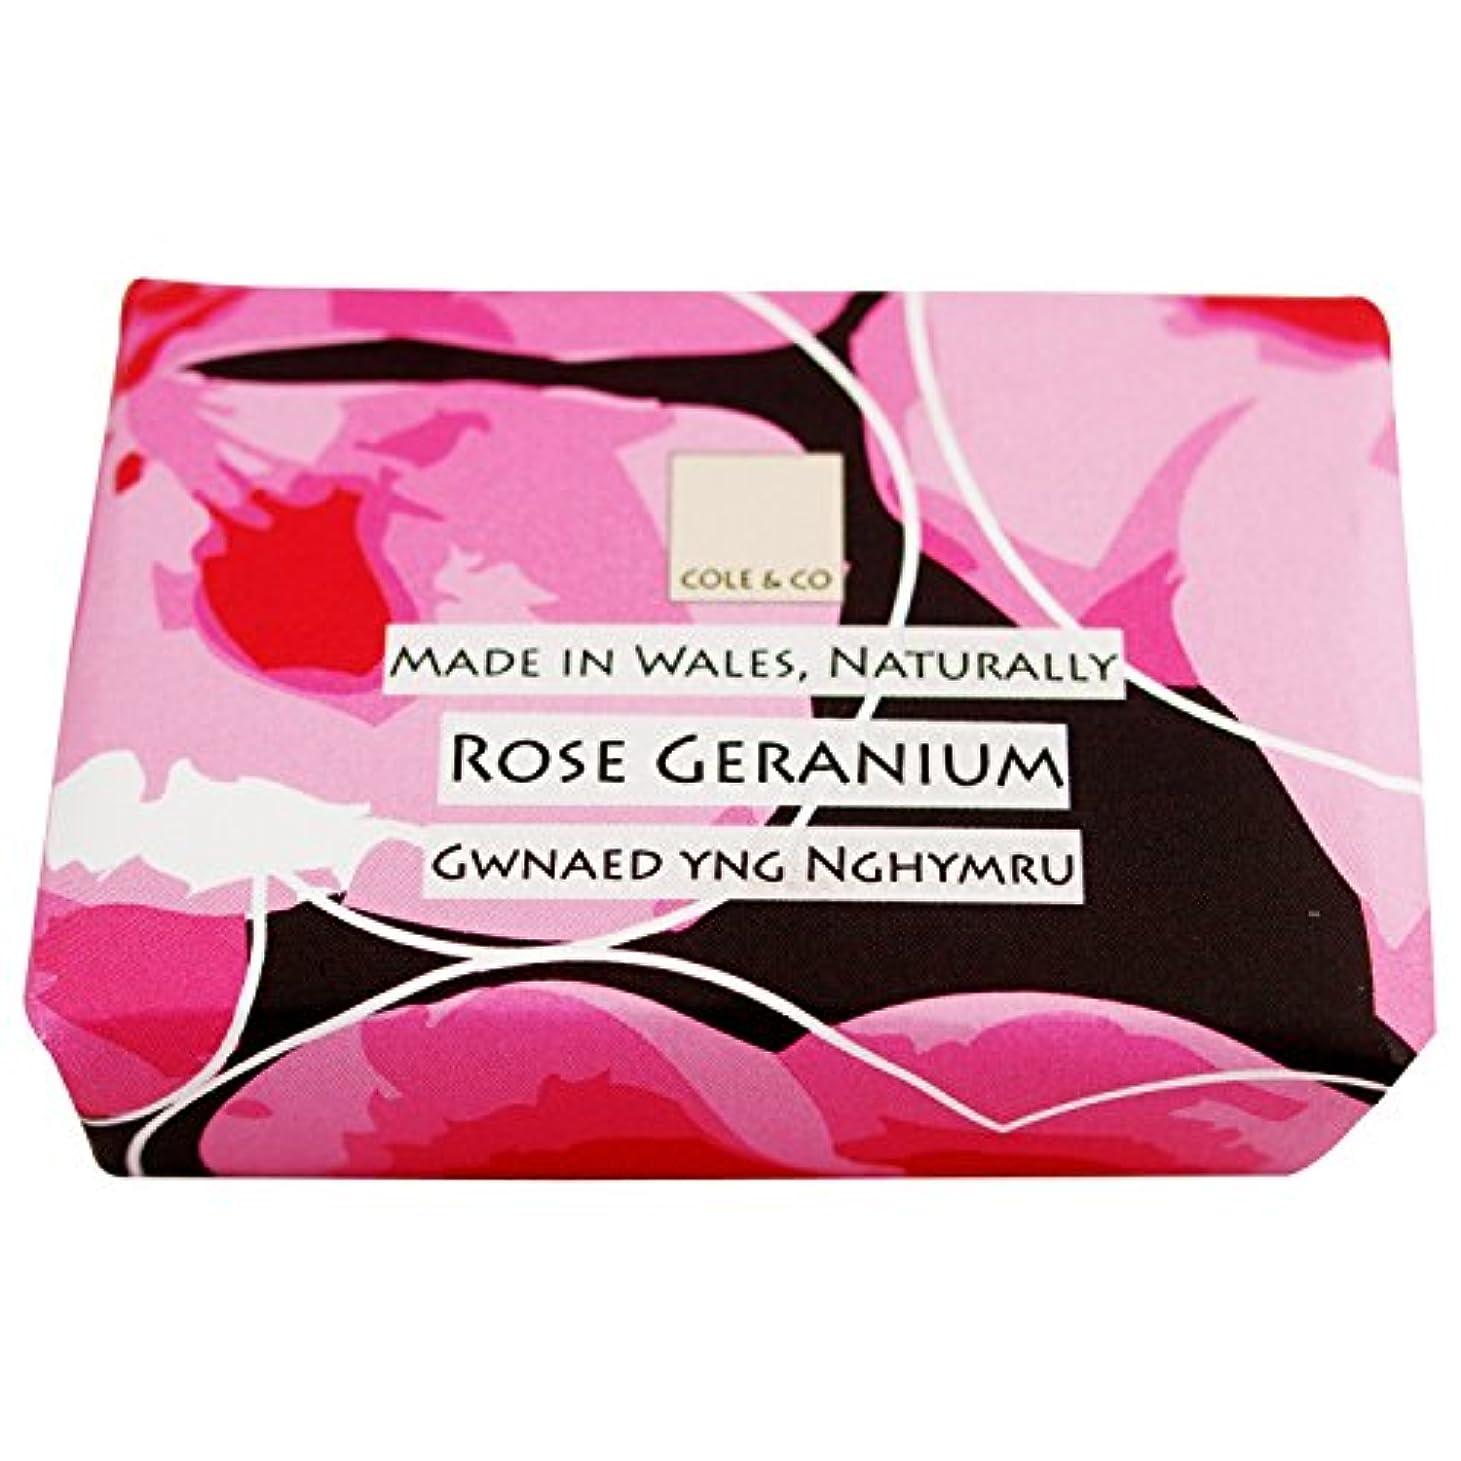 活気づける物思いにふけるハイライトコール&Coはゼラニウム石鹸80グラムのバラ (Cole & Co) (x2) - Cole & Co Rose Geranium Soap 80g (Pack of 2) [並行輸入品]